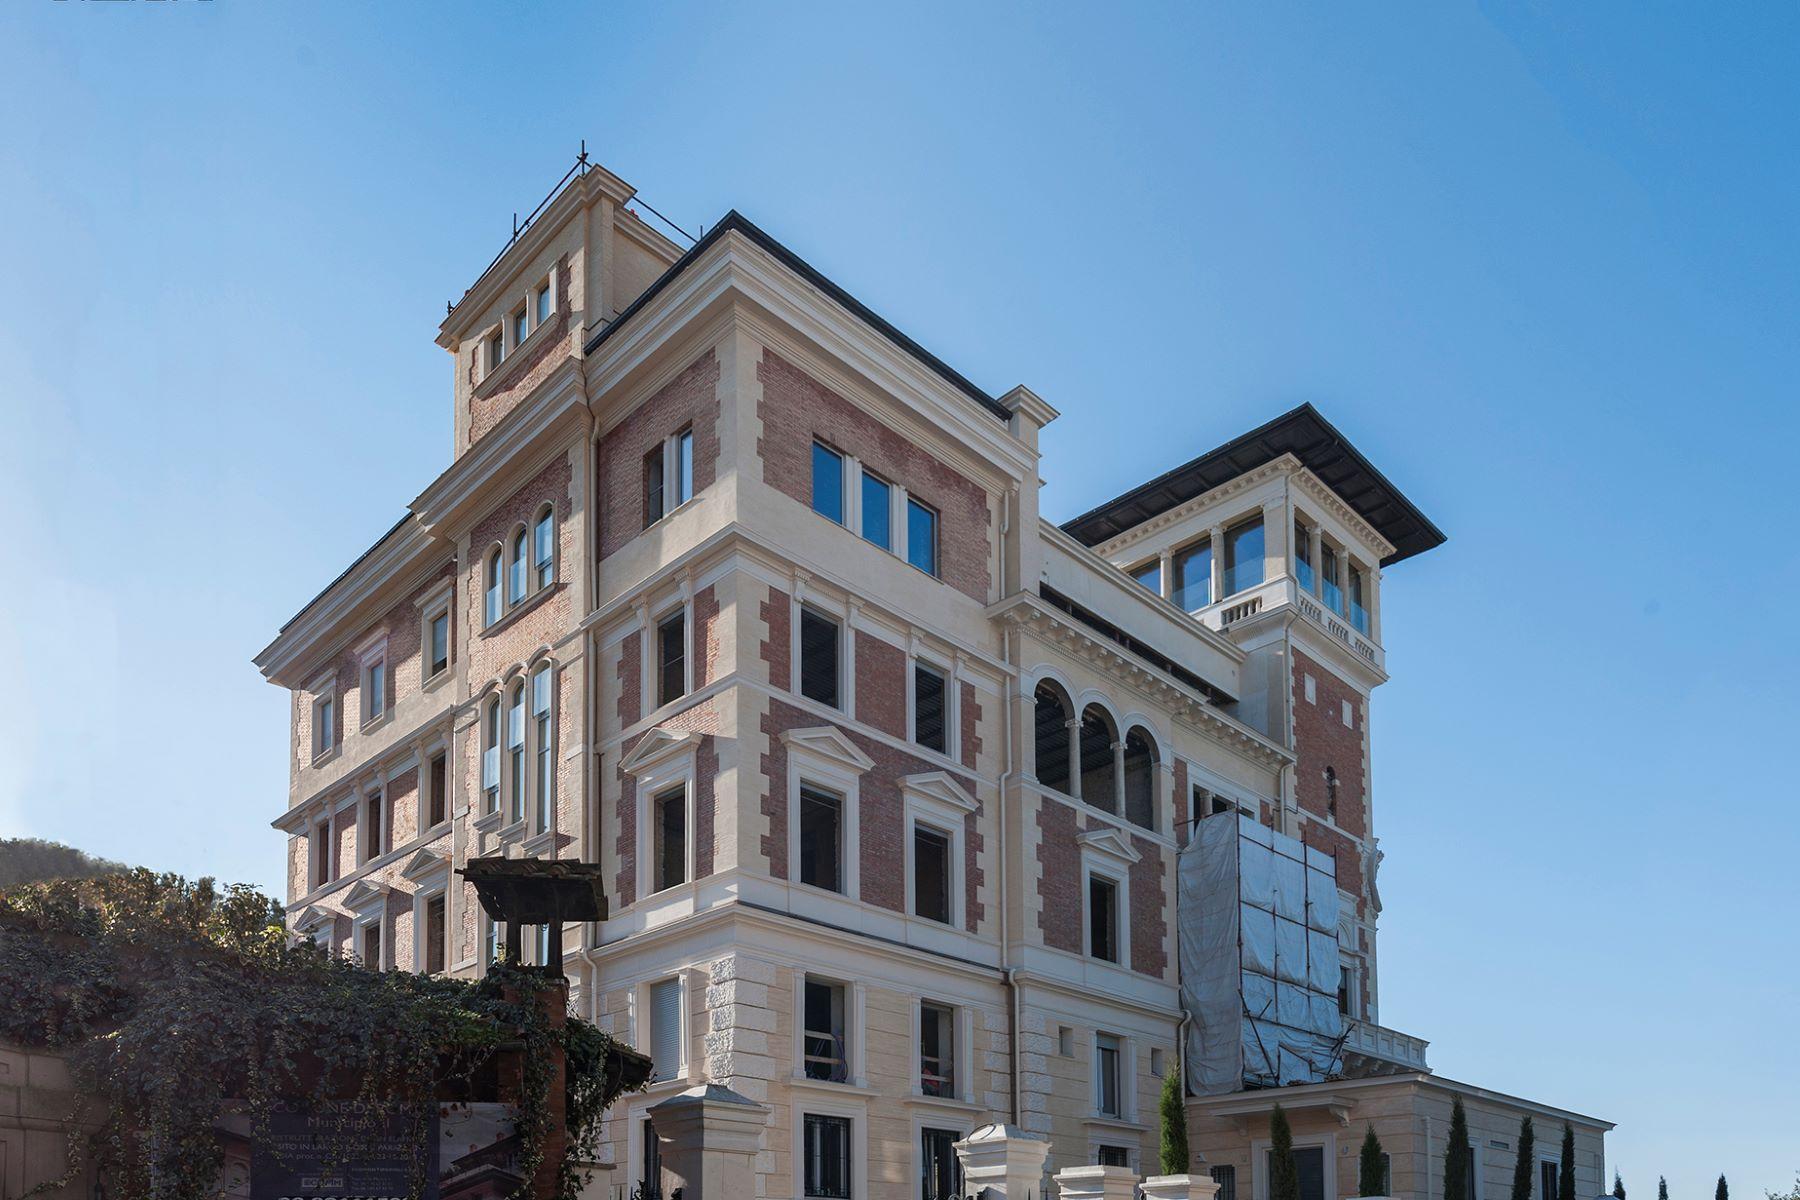 Appartamento per Vendita alle ore Magnifico appartamento ristrutturato a Monti Parioli Largo Monti Parioli Rome, Roma, 00197 Italia